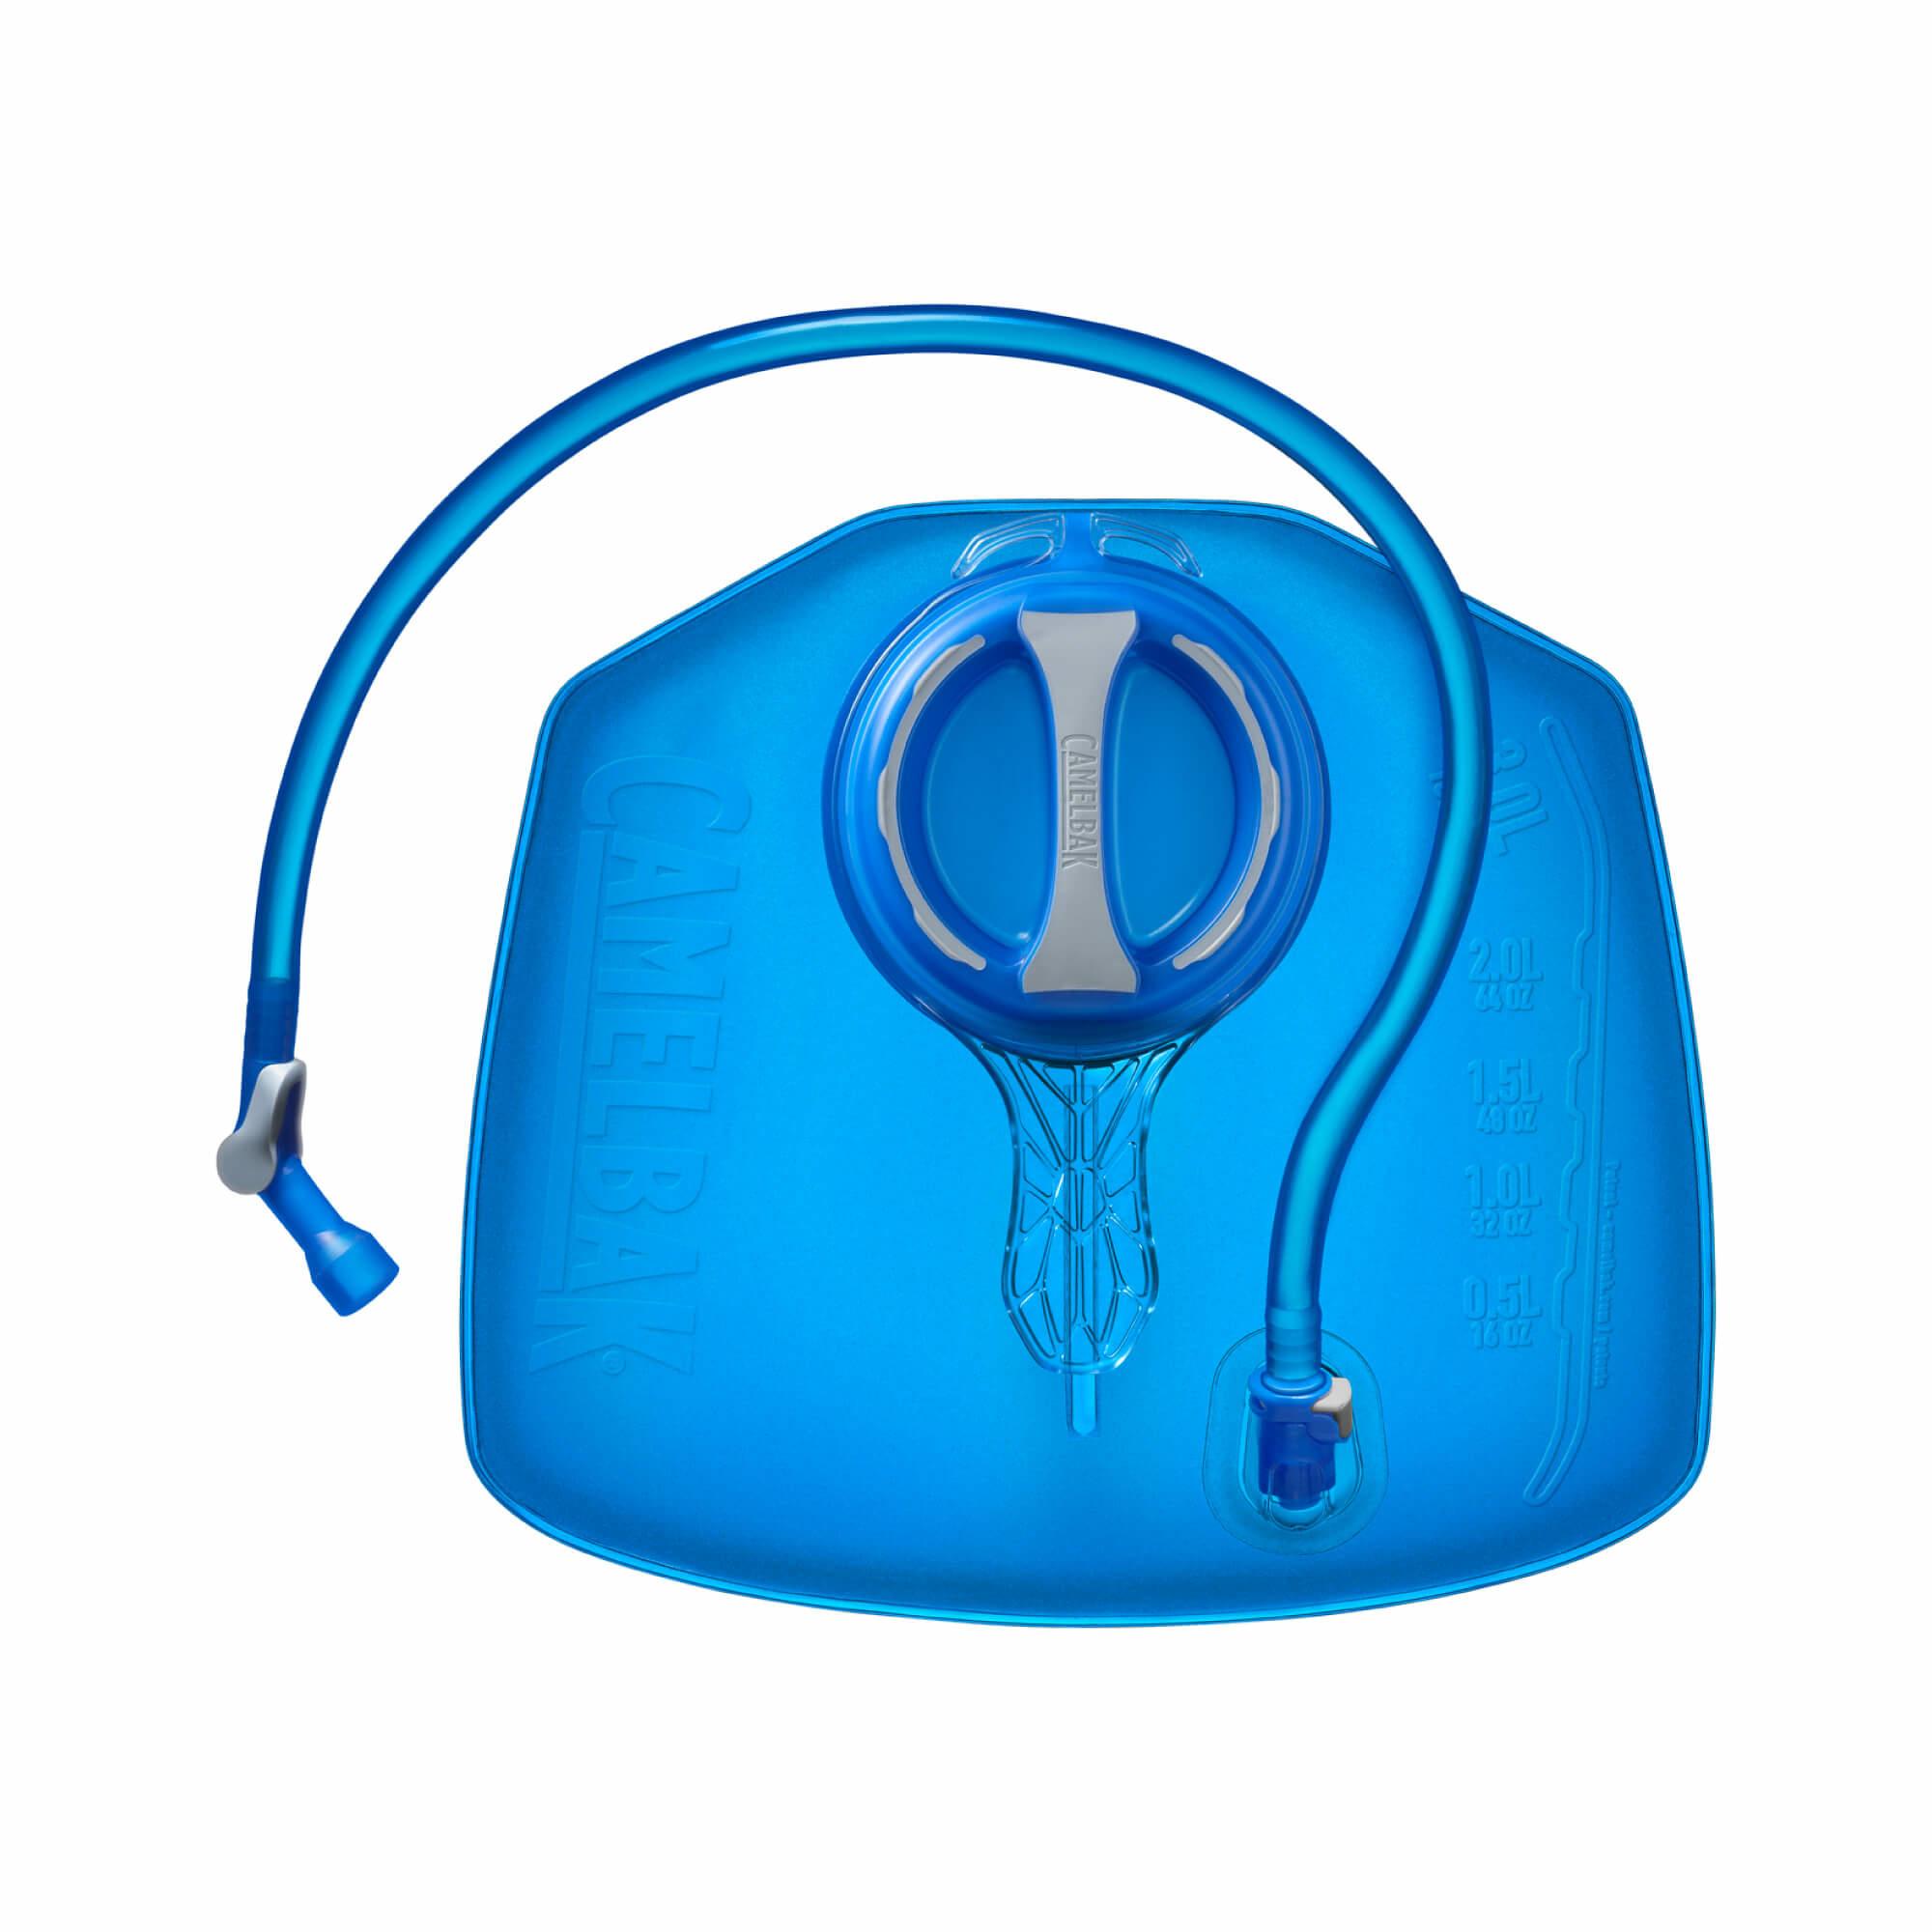 Crux 3L Lumbar Reservoir Blue-1